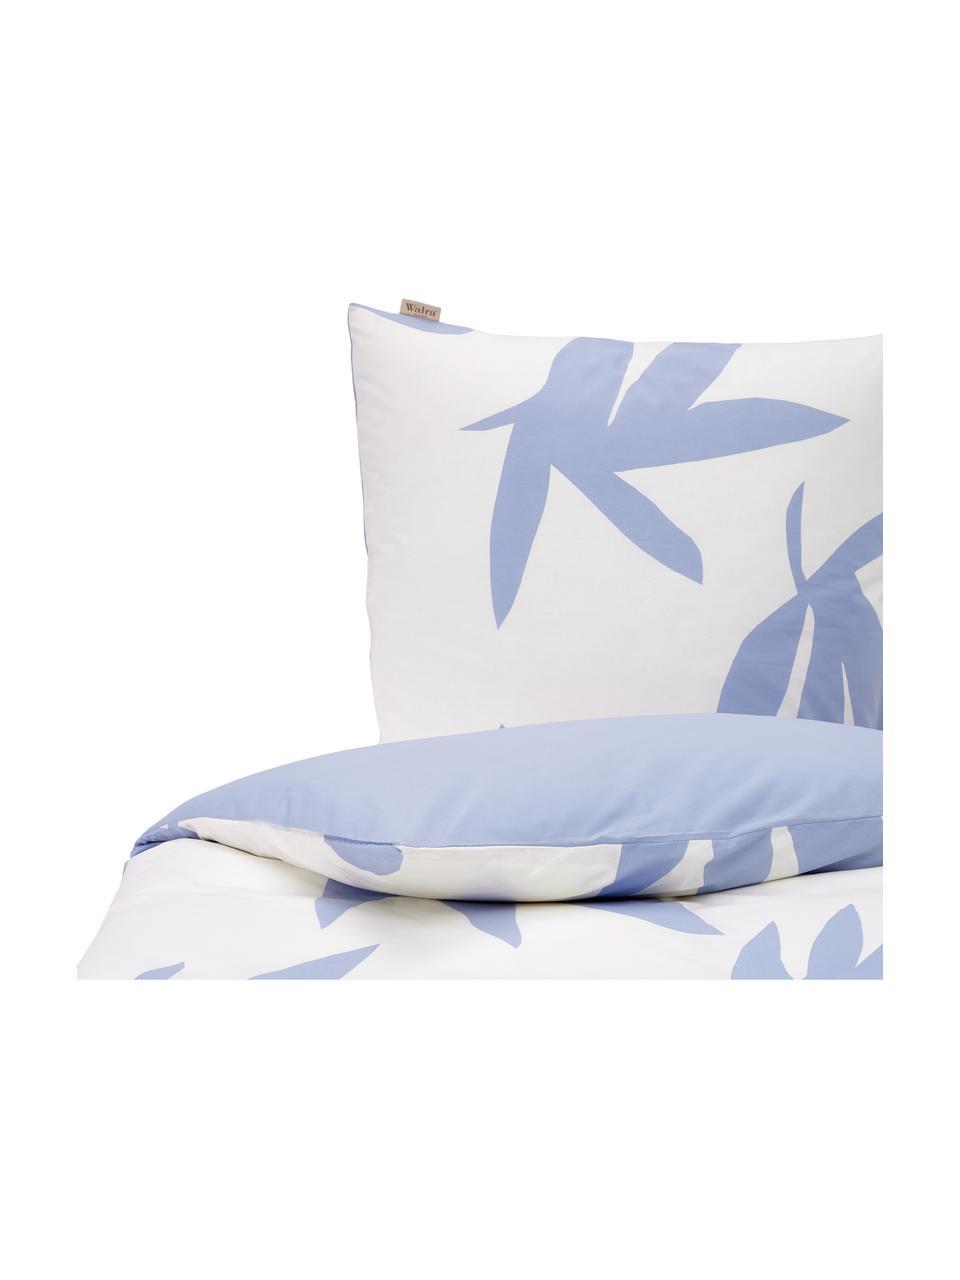 Baumwoll-Bettwäsche Simple Leaves mit Blättermotiv in Blau, Webart: Renforcé Fadendichte 144 , Weiß, Blau, 155 x 220 cm + 1 Kissen 80 x 80 cm